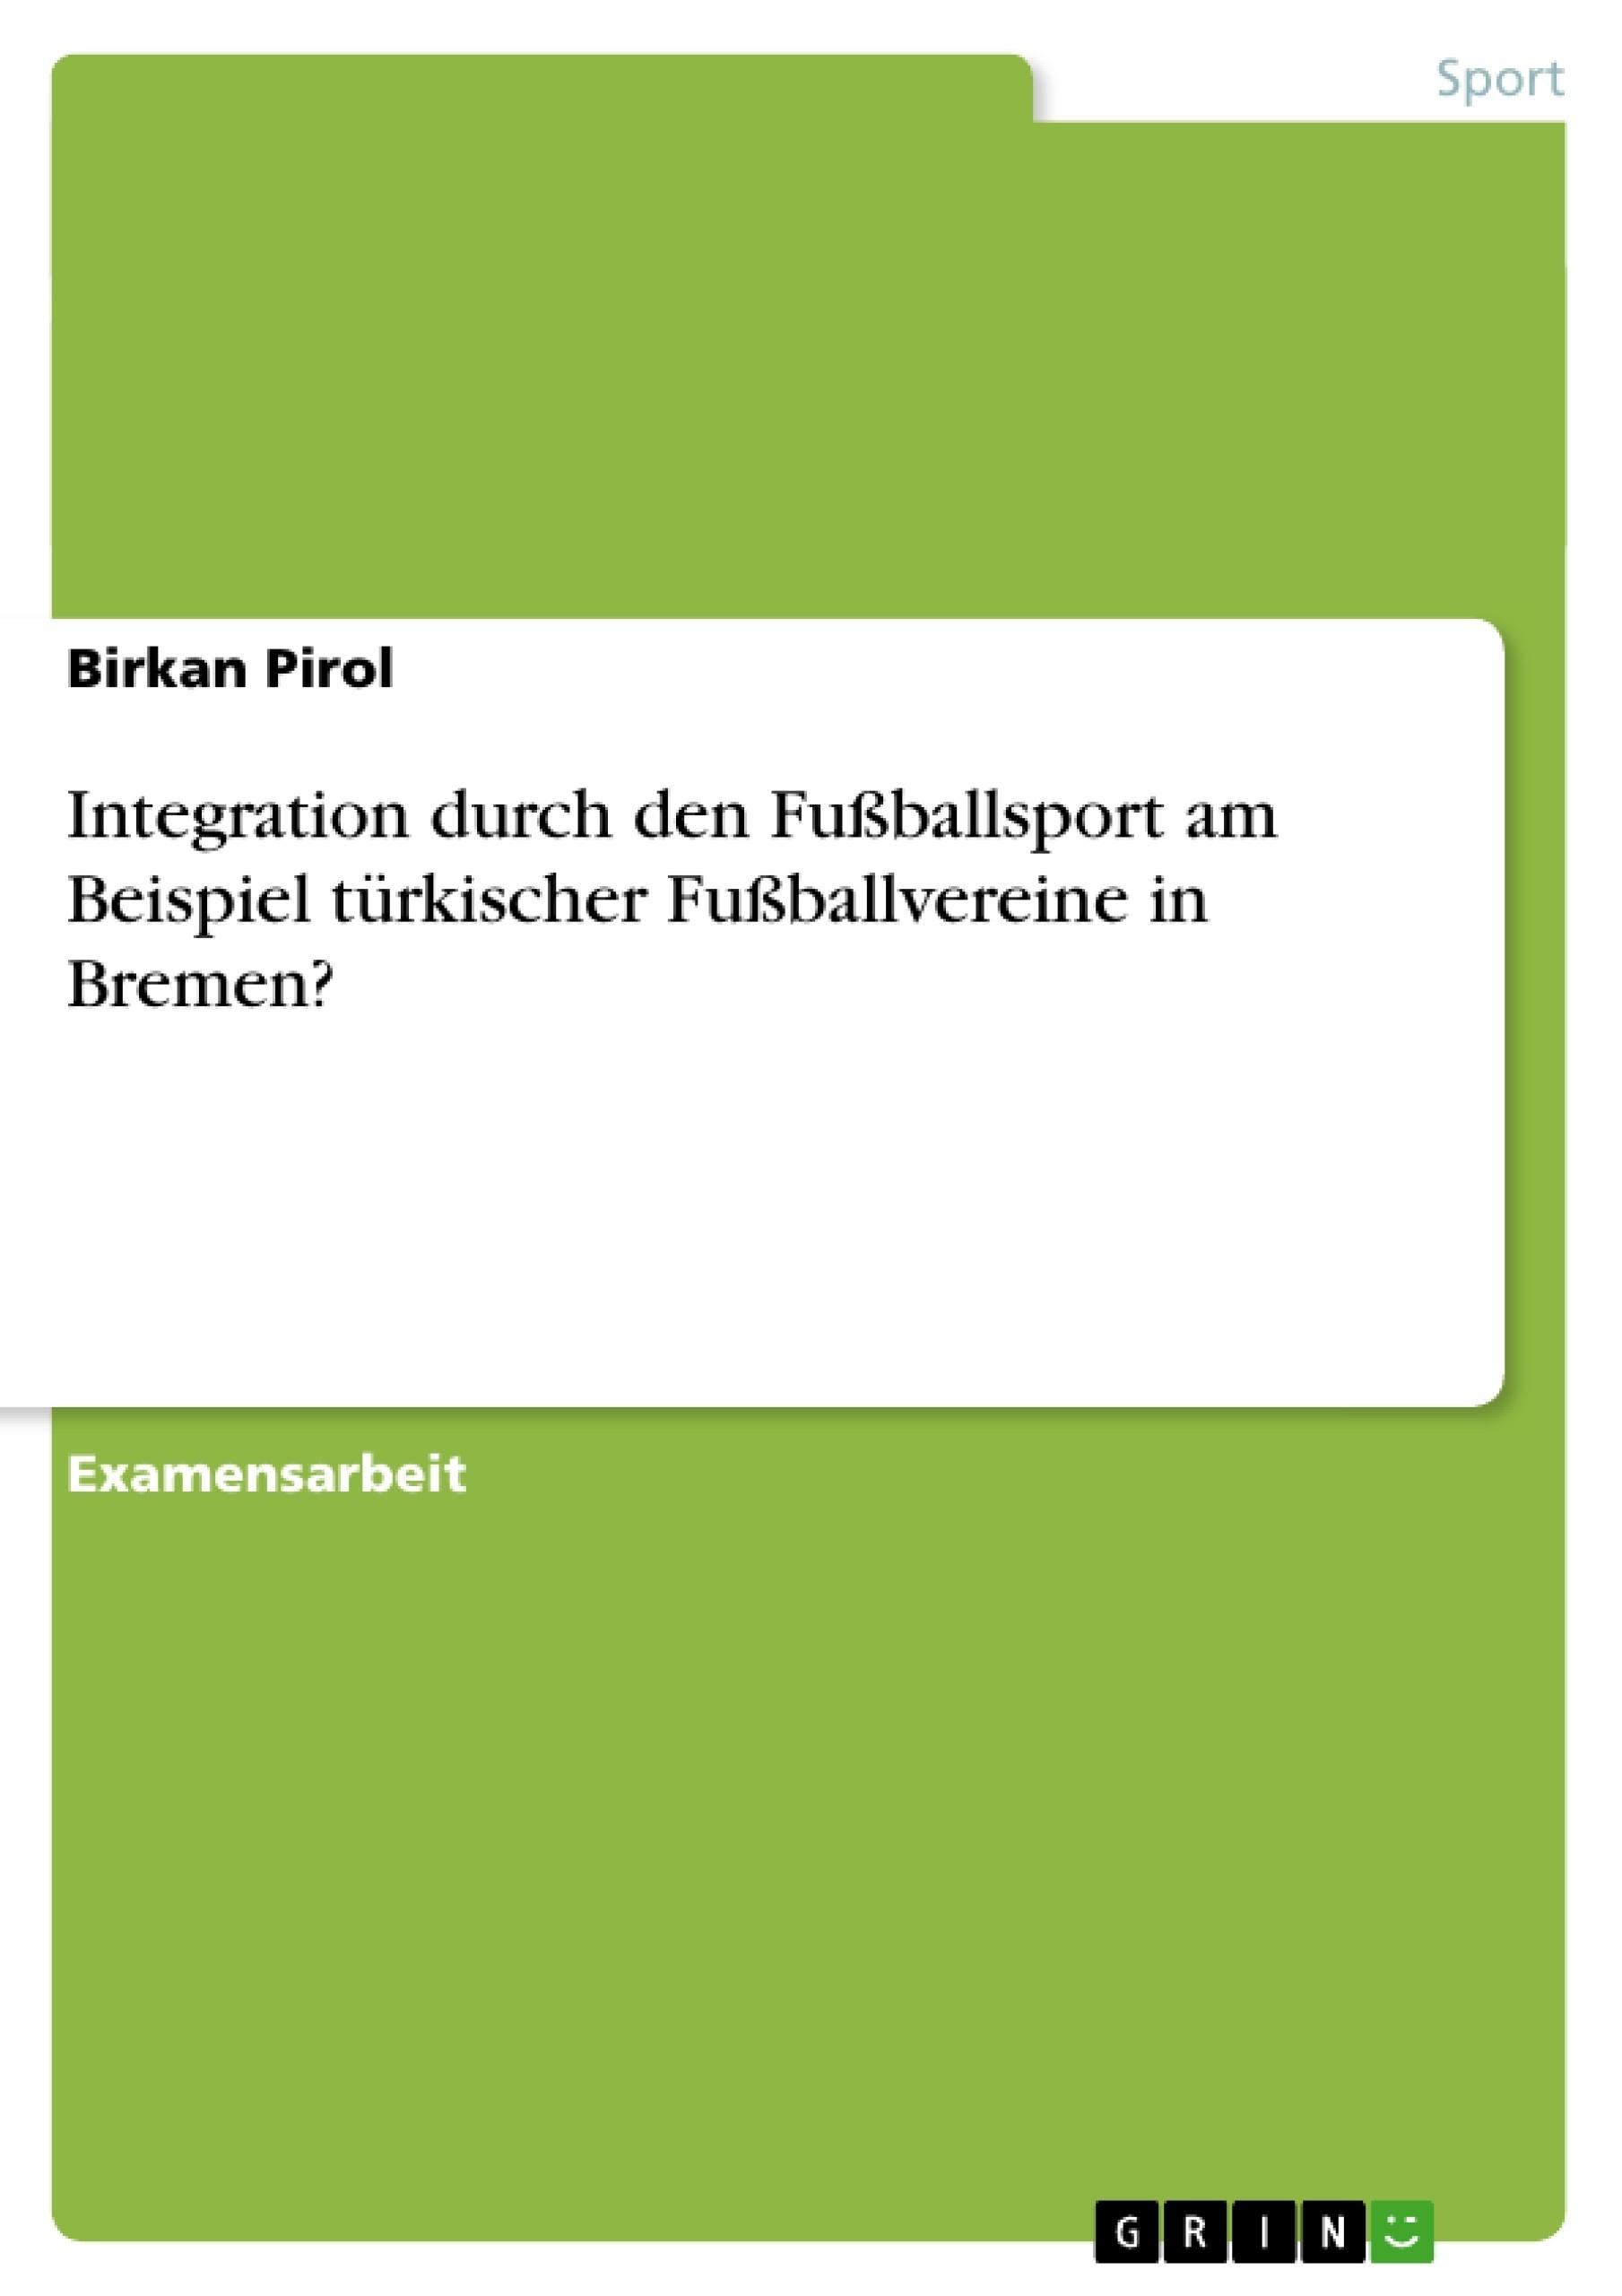 Titel: Integration durch den Fußballsport am Beispiel türkischer Fußballvereine in Bremen?